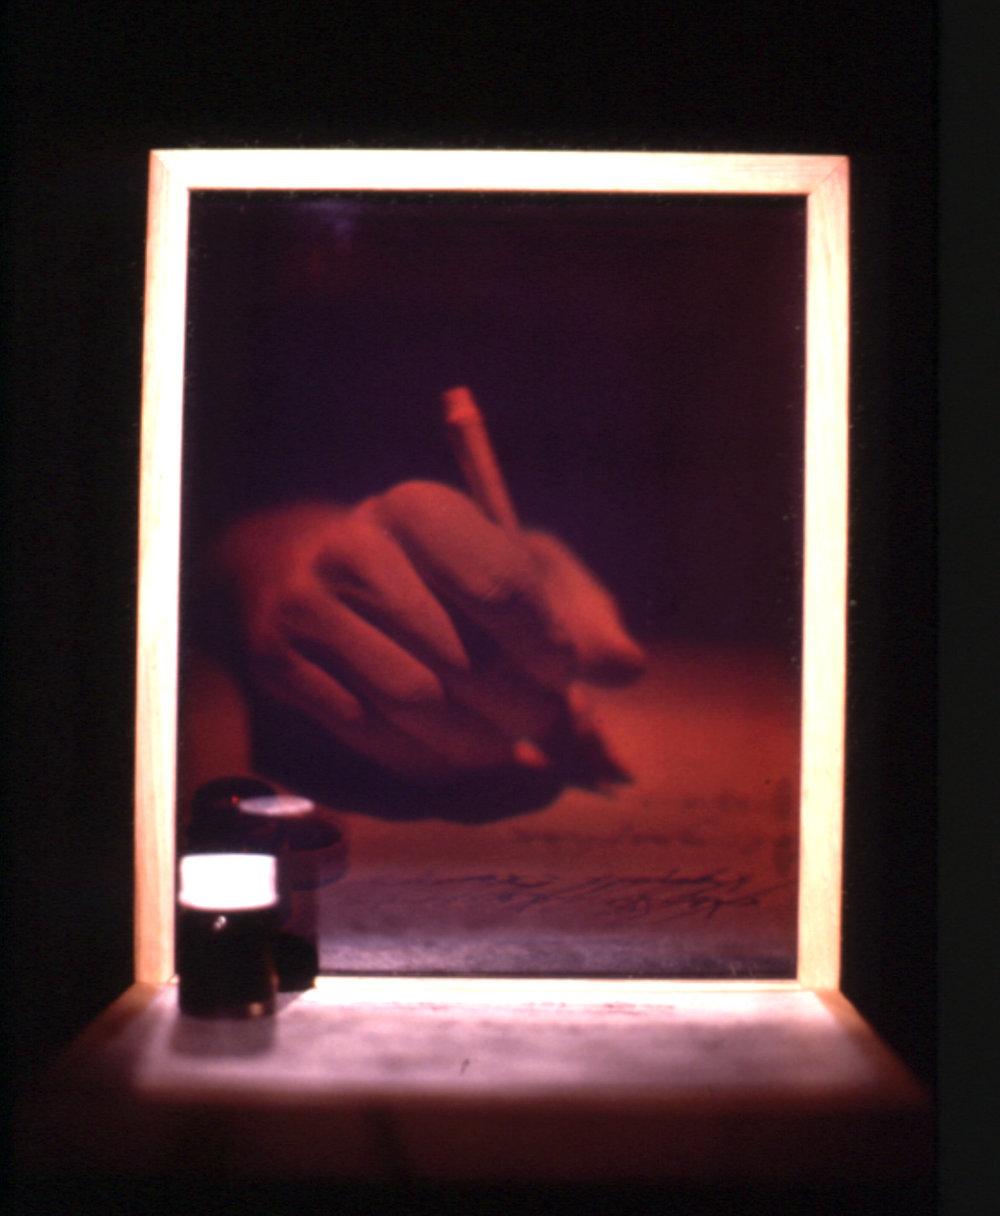 «Tranche d'espace-temps», 1984  Hologramme de réflexion sur verre (WLR), bois, encre sur papier et bouteille, 21 x 30 x 22 cm, éd. 6/6